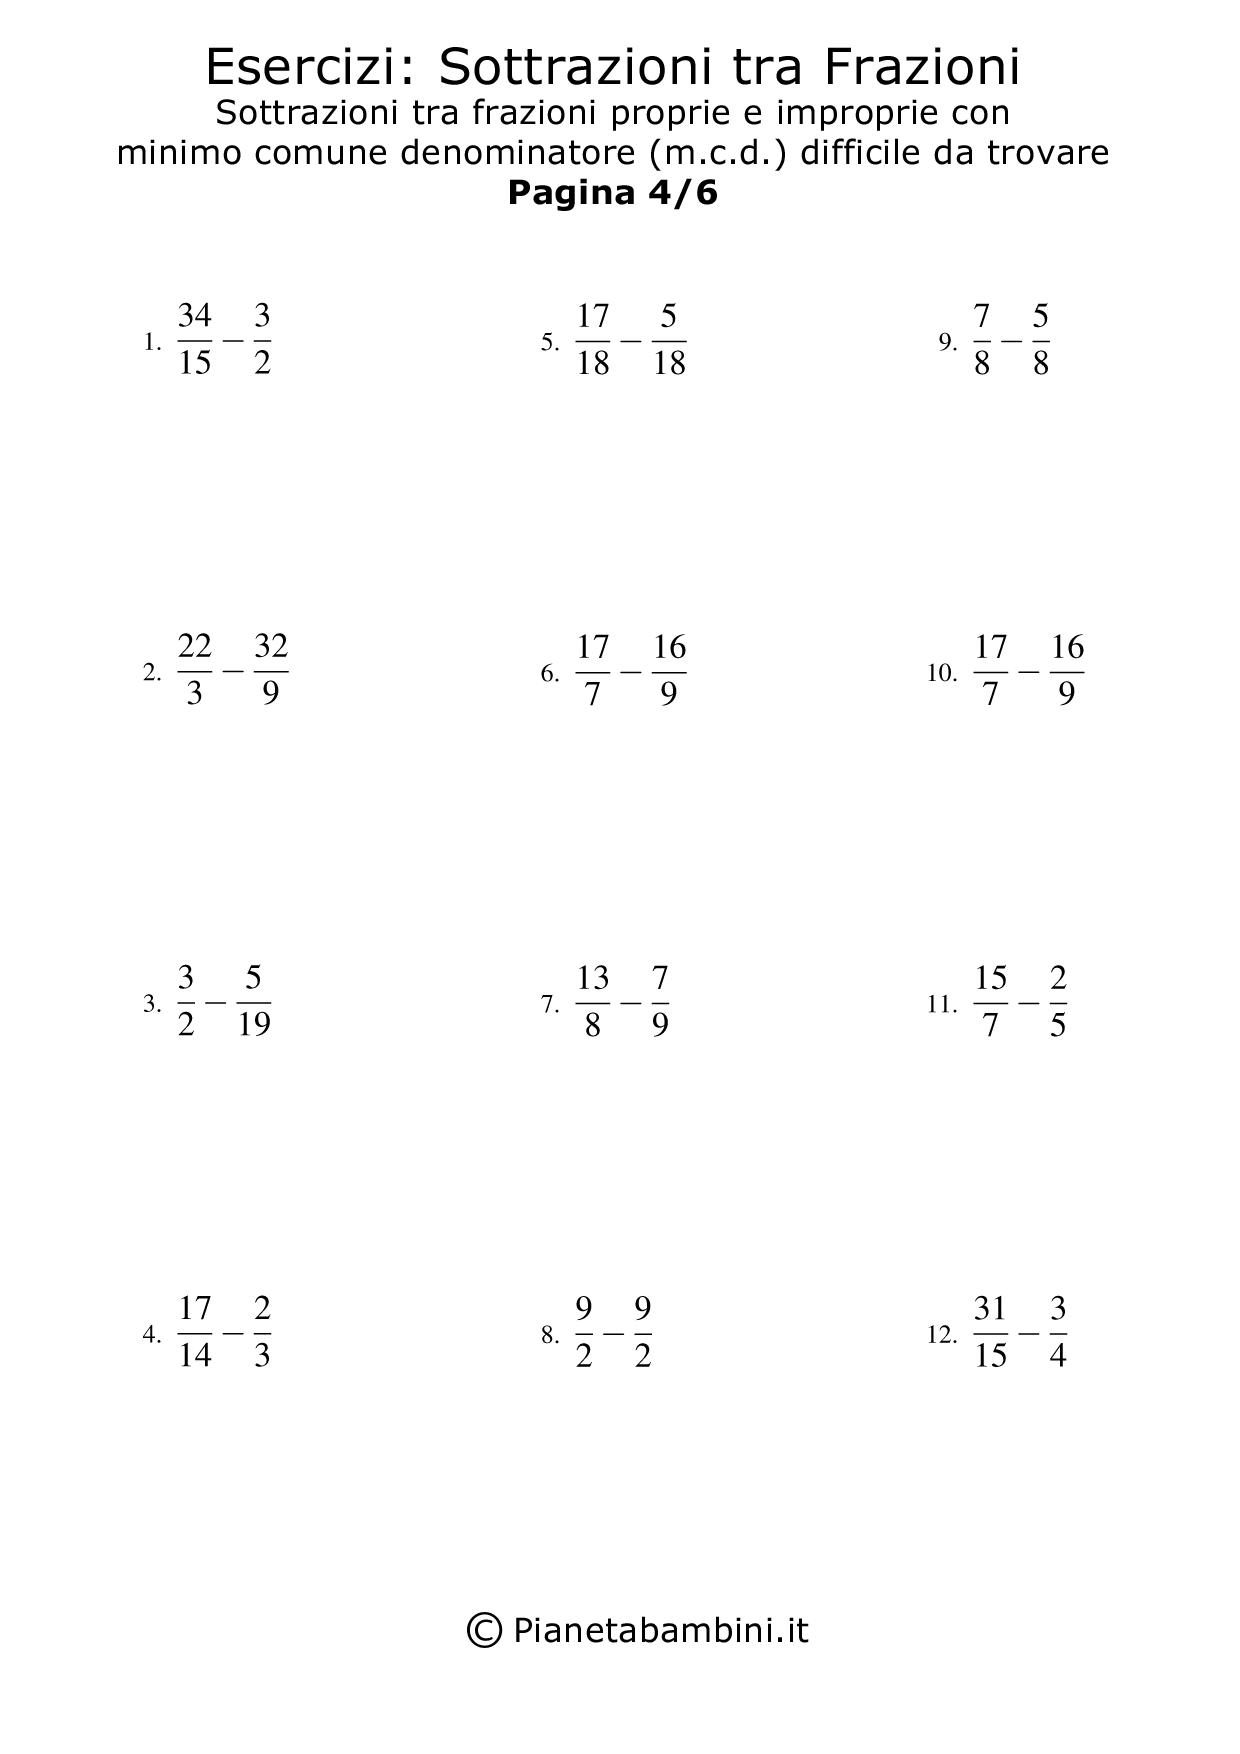 Sottrazioni-Frazioni-m.c.d.-Difficile_4